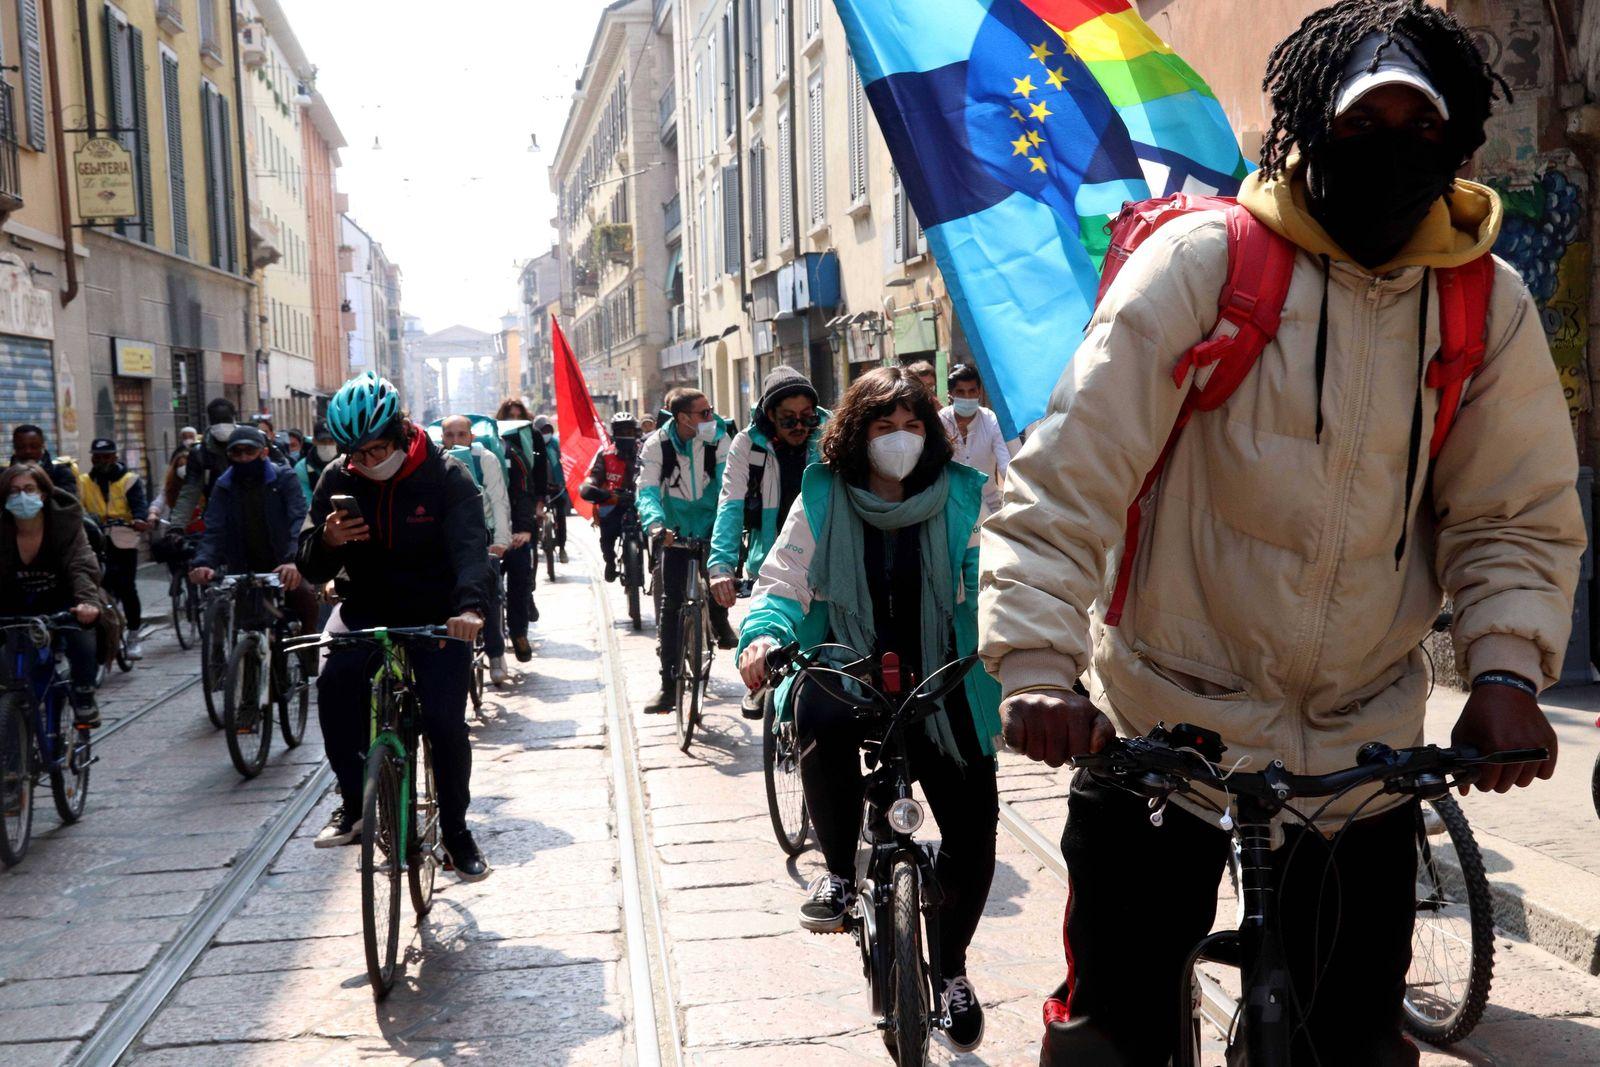 foto ipp clemente marmorino milano 18 03 2021- no delivery day - sciopero manifestazione corteo sciopero dei riders - gl